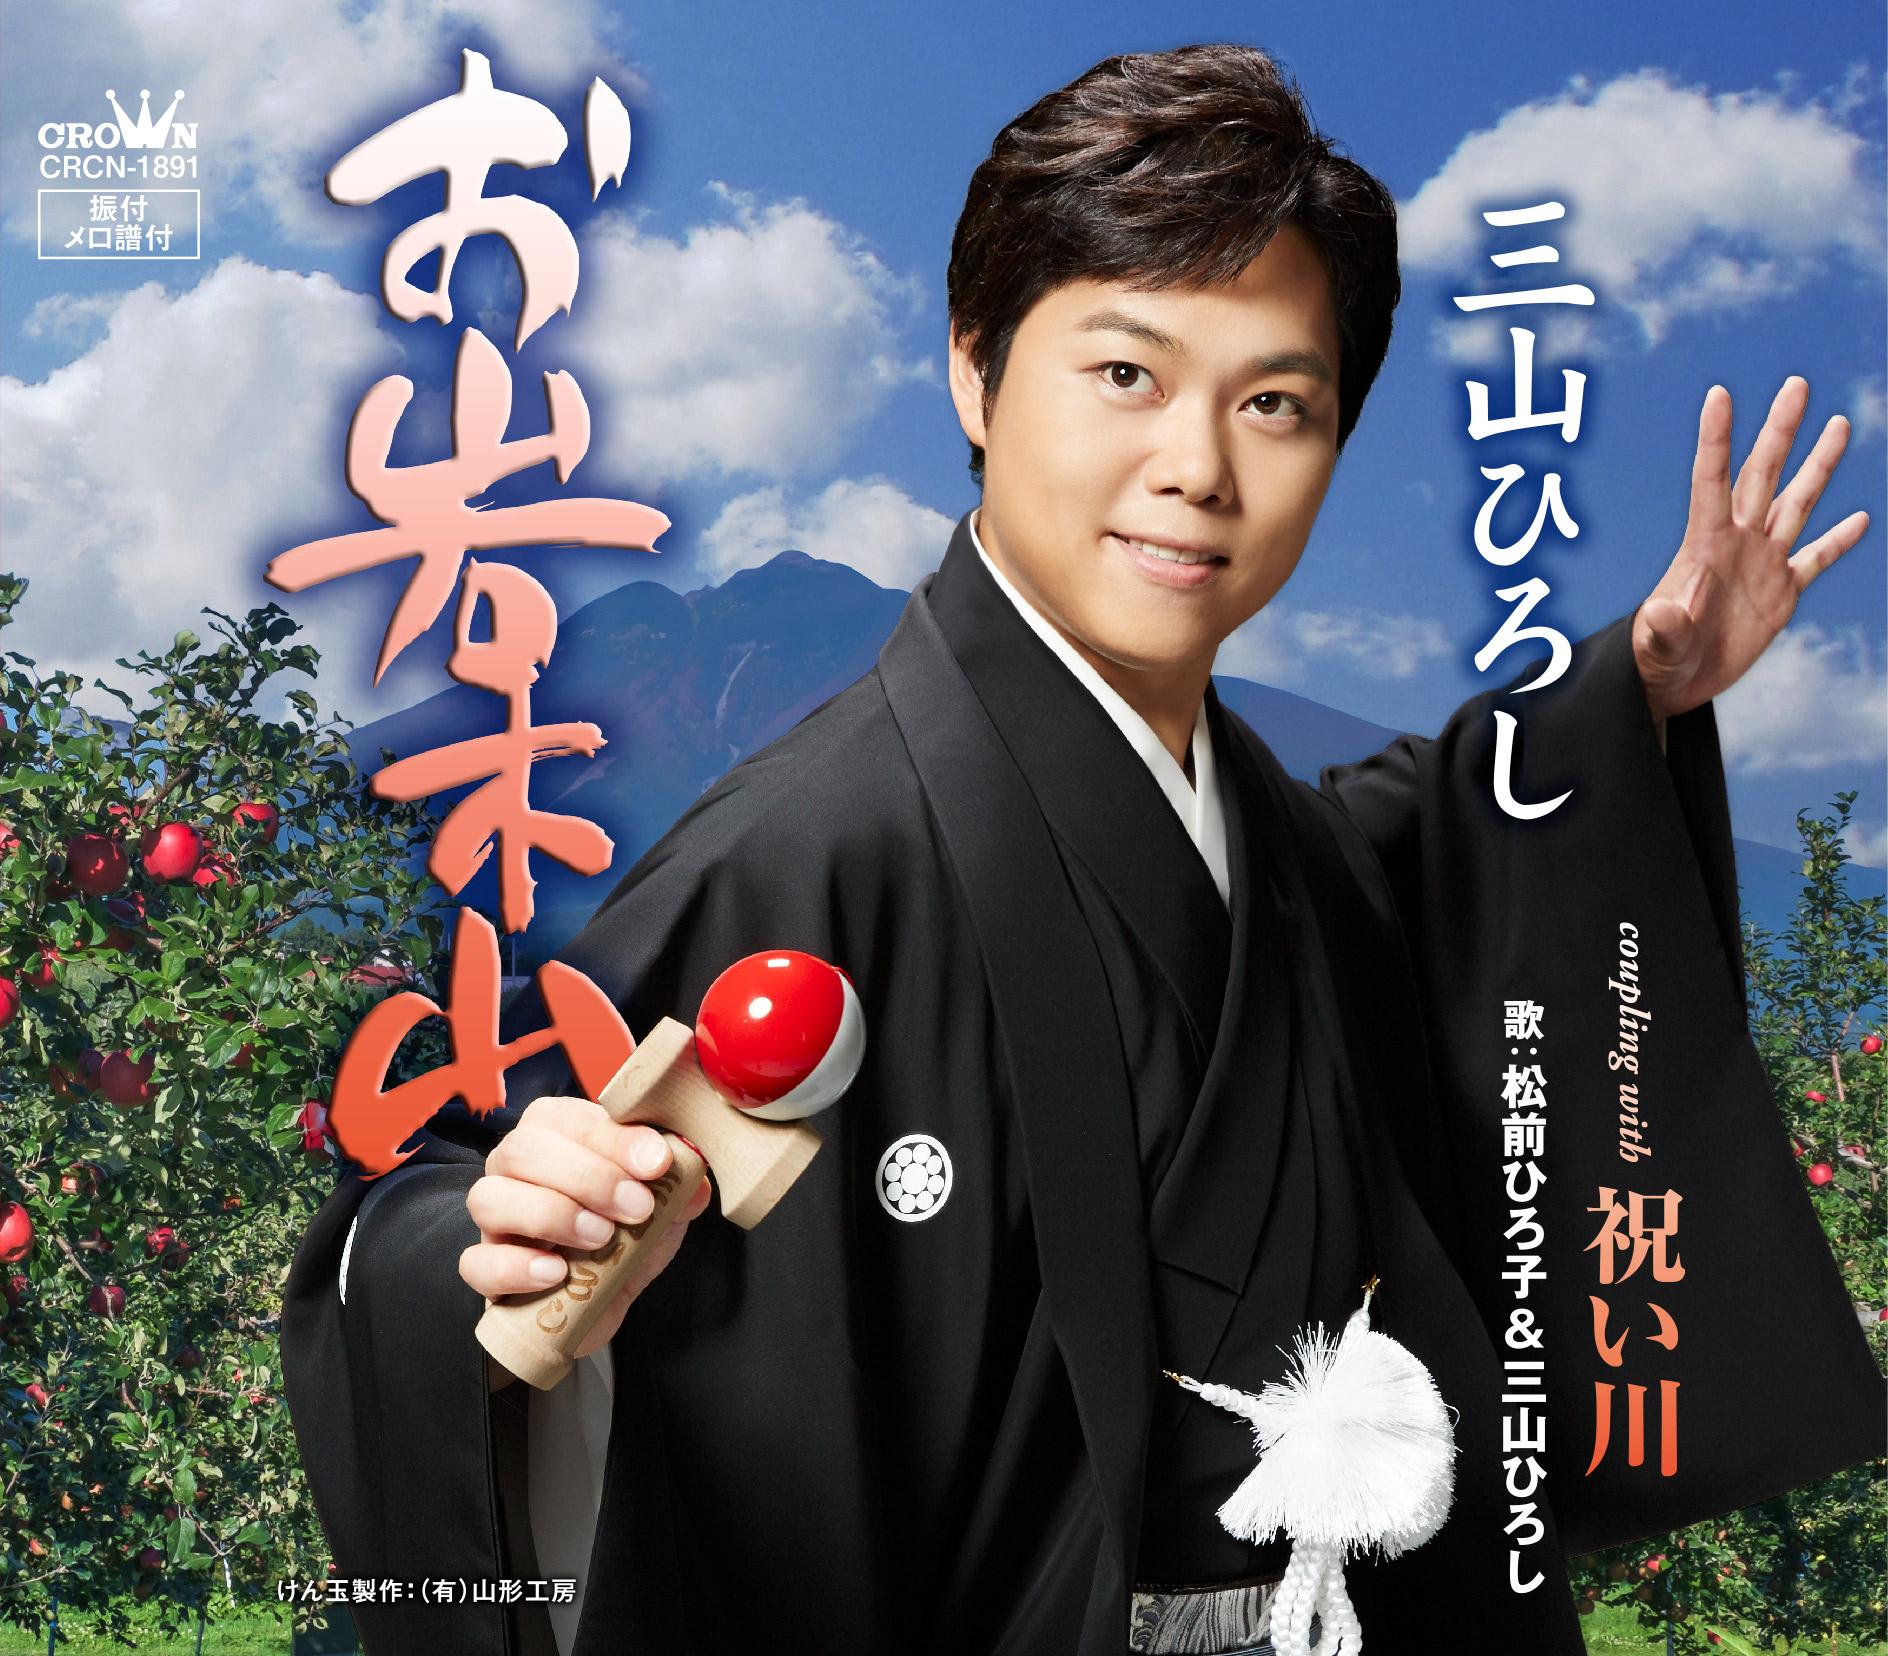 「お岩木山」三山ひろし(CRCN-1891) 2015/8/5